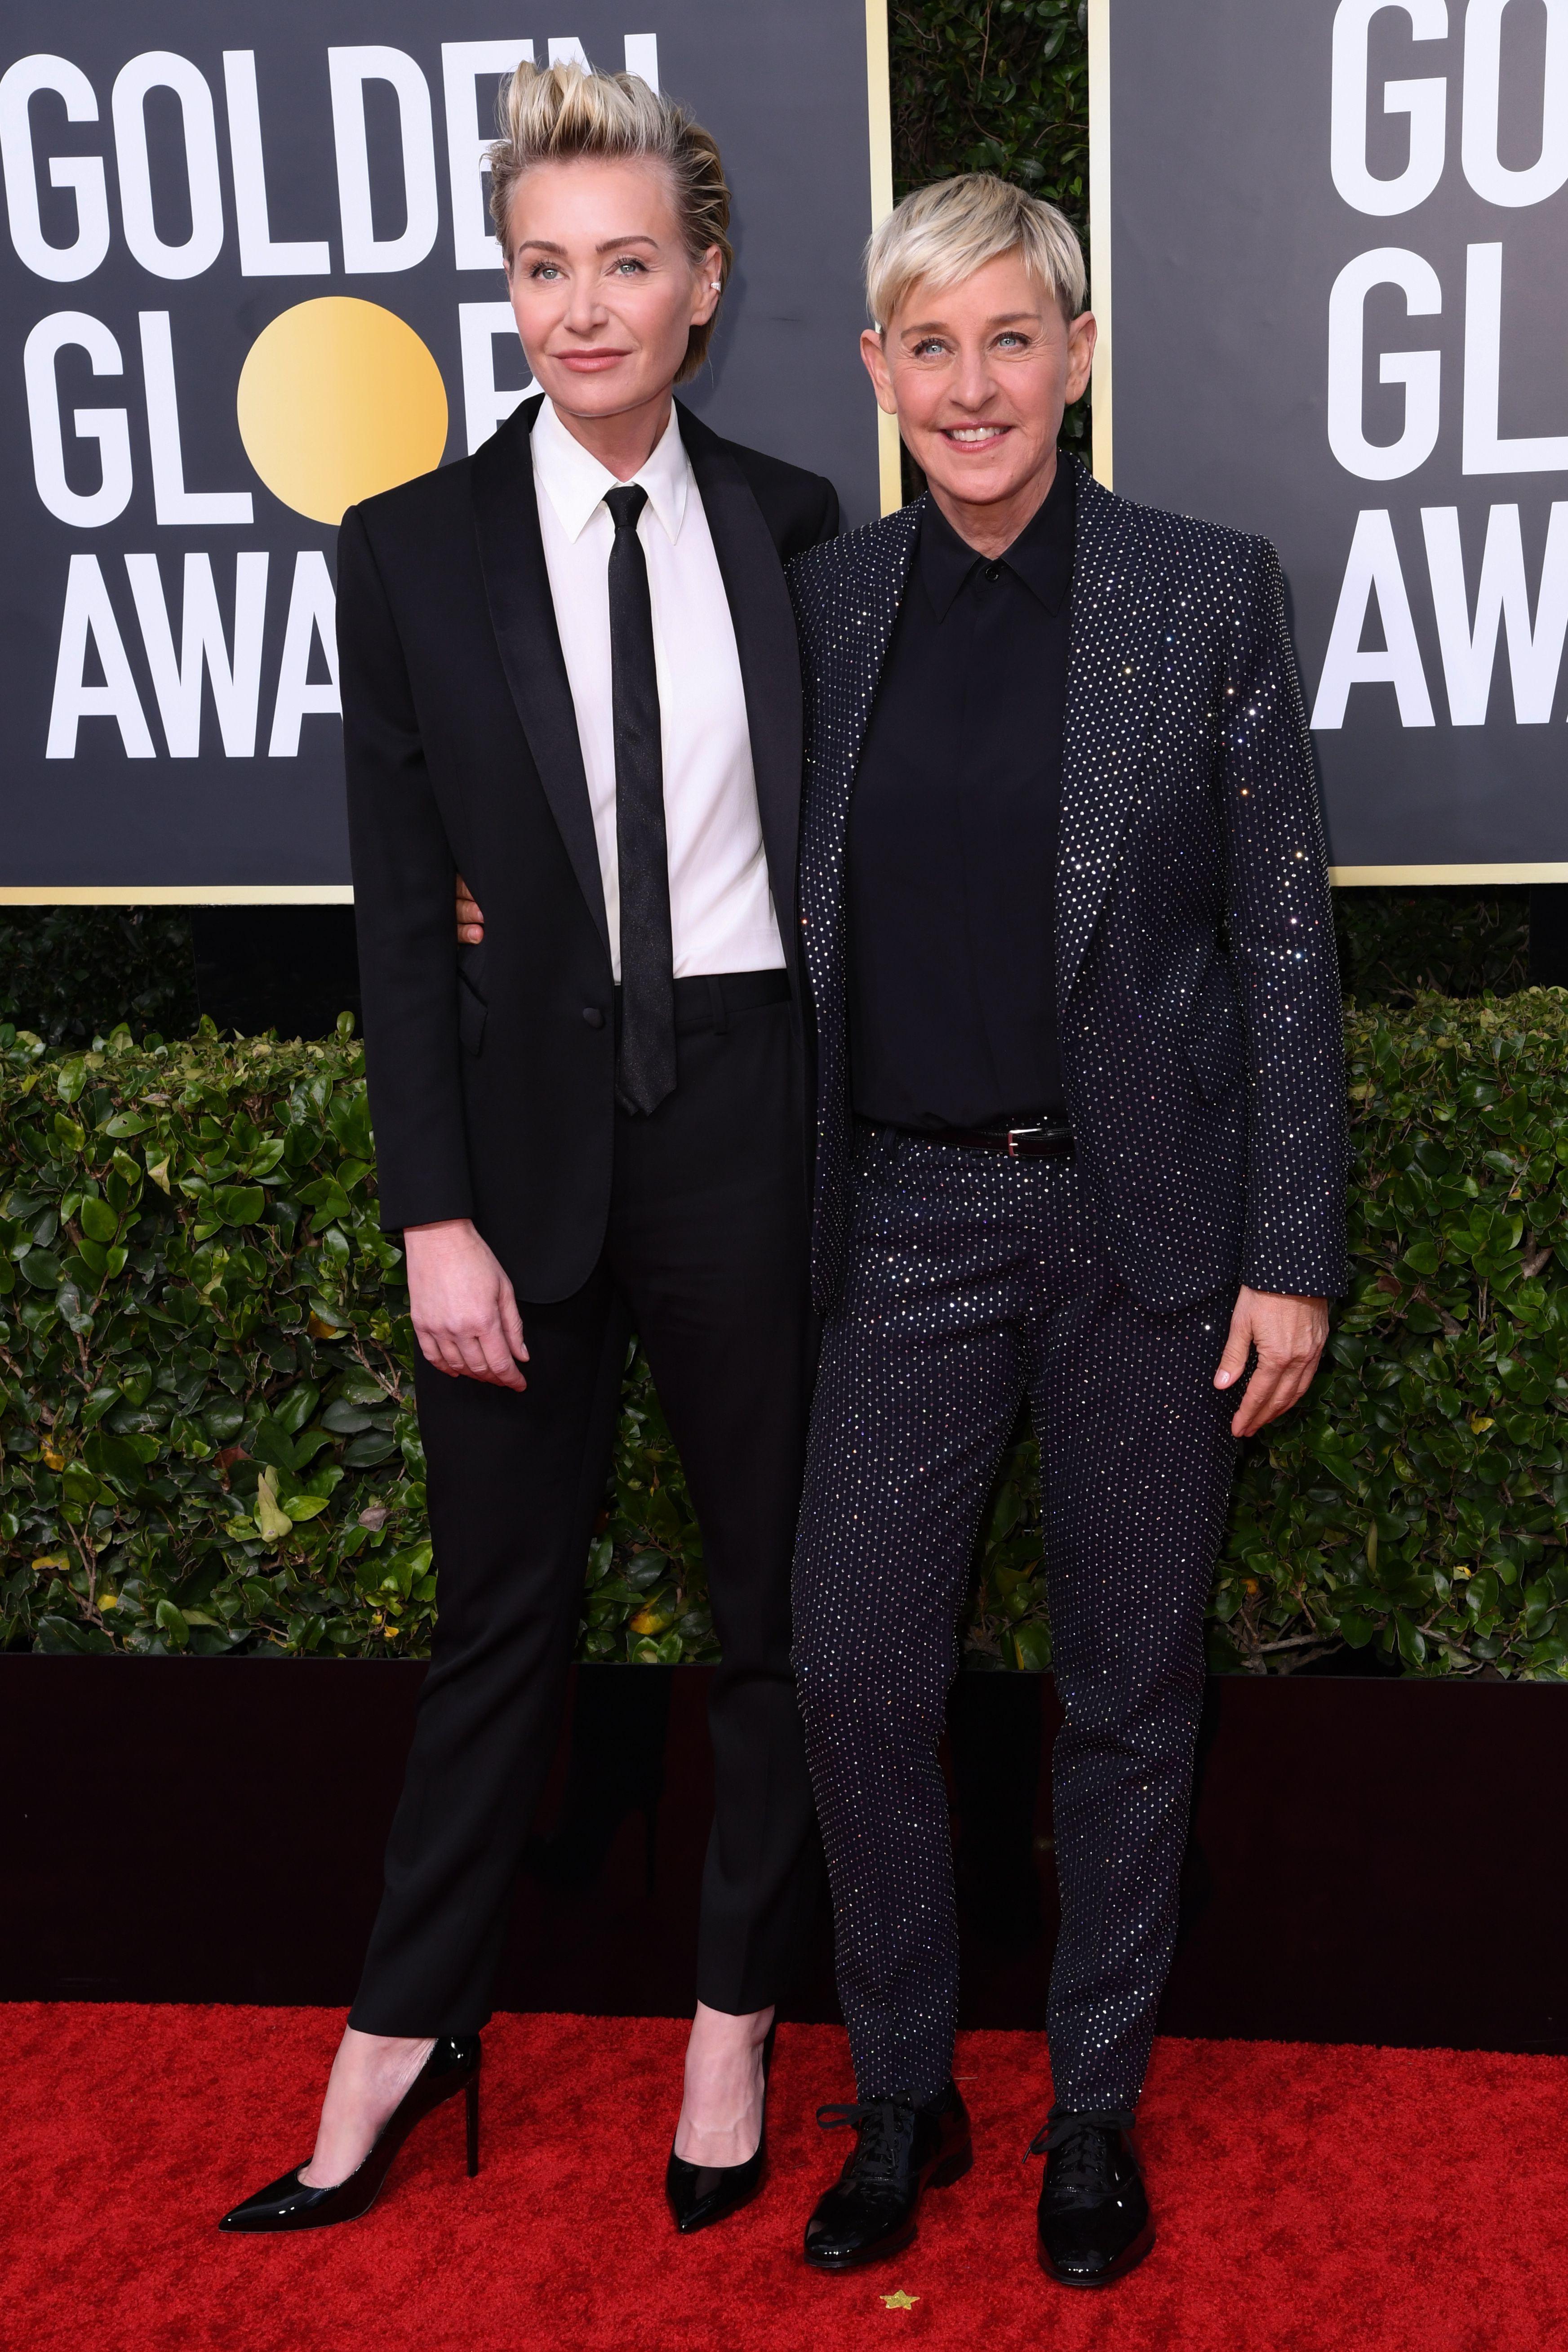 Portia de Rossi and Ellen DeGeneres77th Annual Golden Globe Awards, Arrivals, Los Angeles, USA - 05 Jan 2020